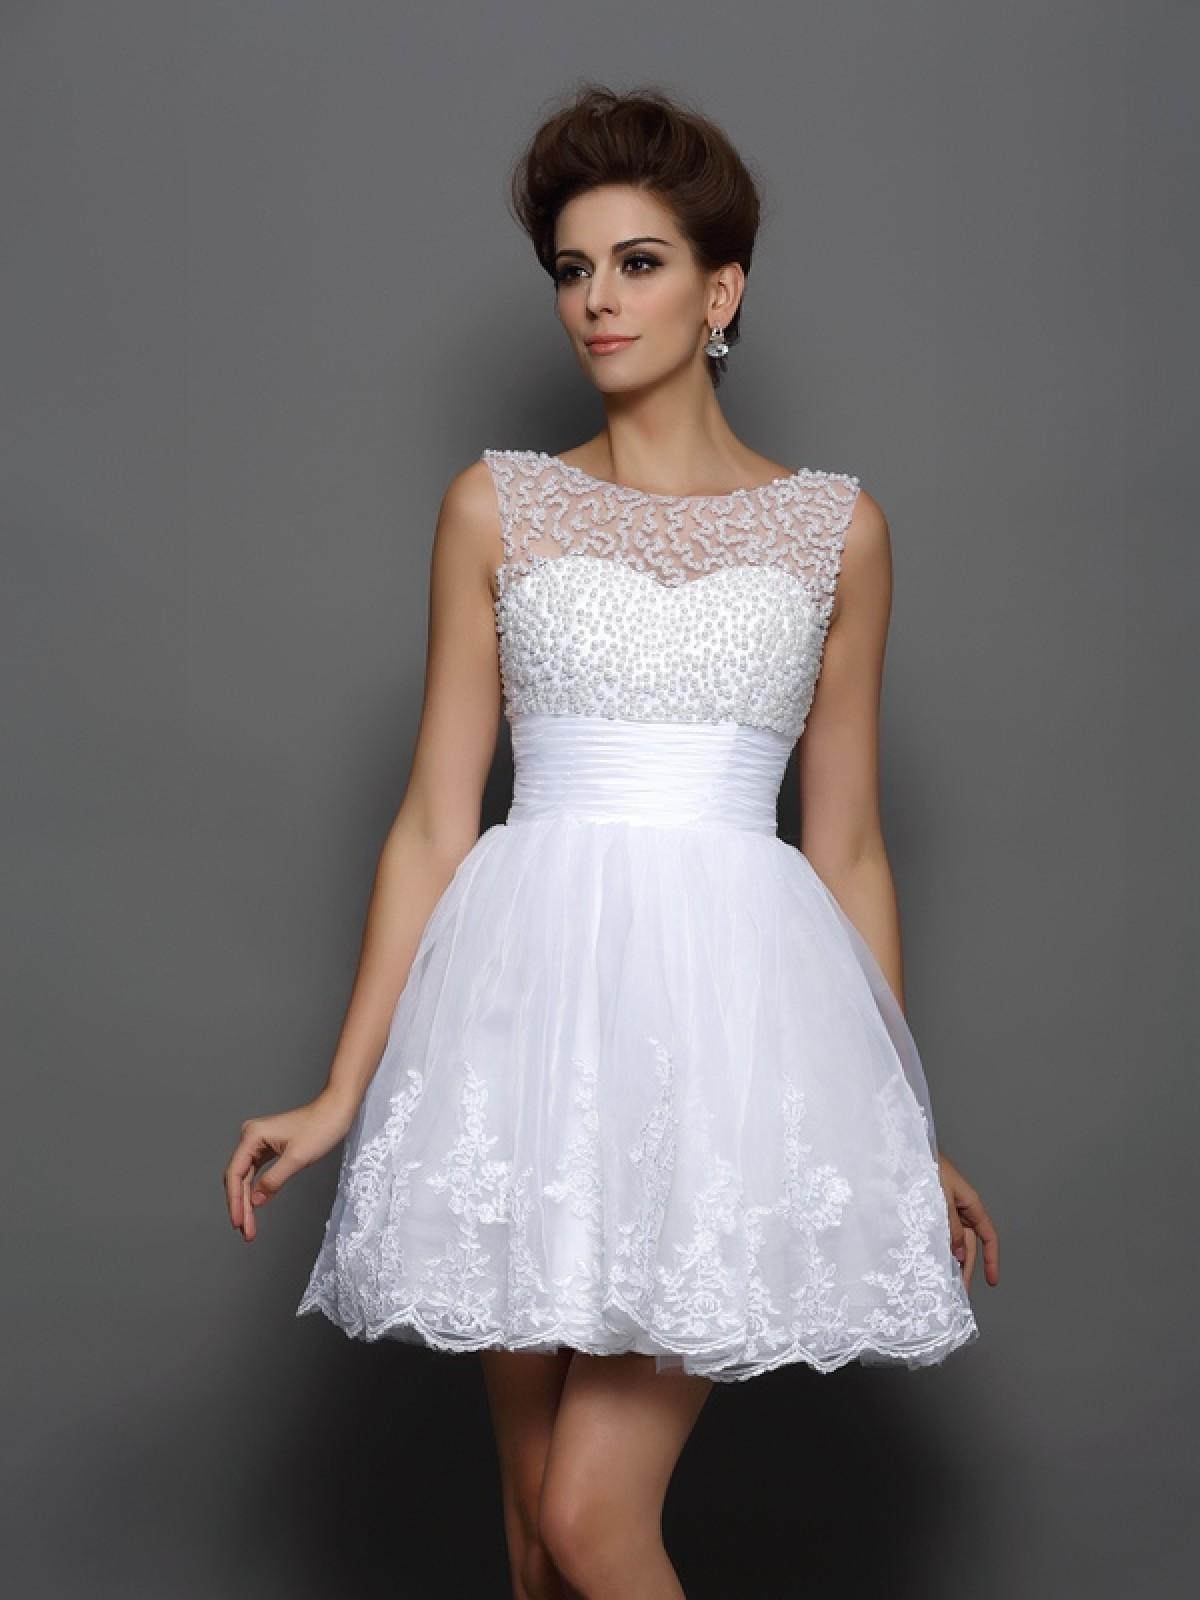 cb606cd03e7 Evening Dresses Buy Online - Data Dynamic AG